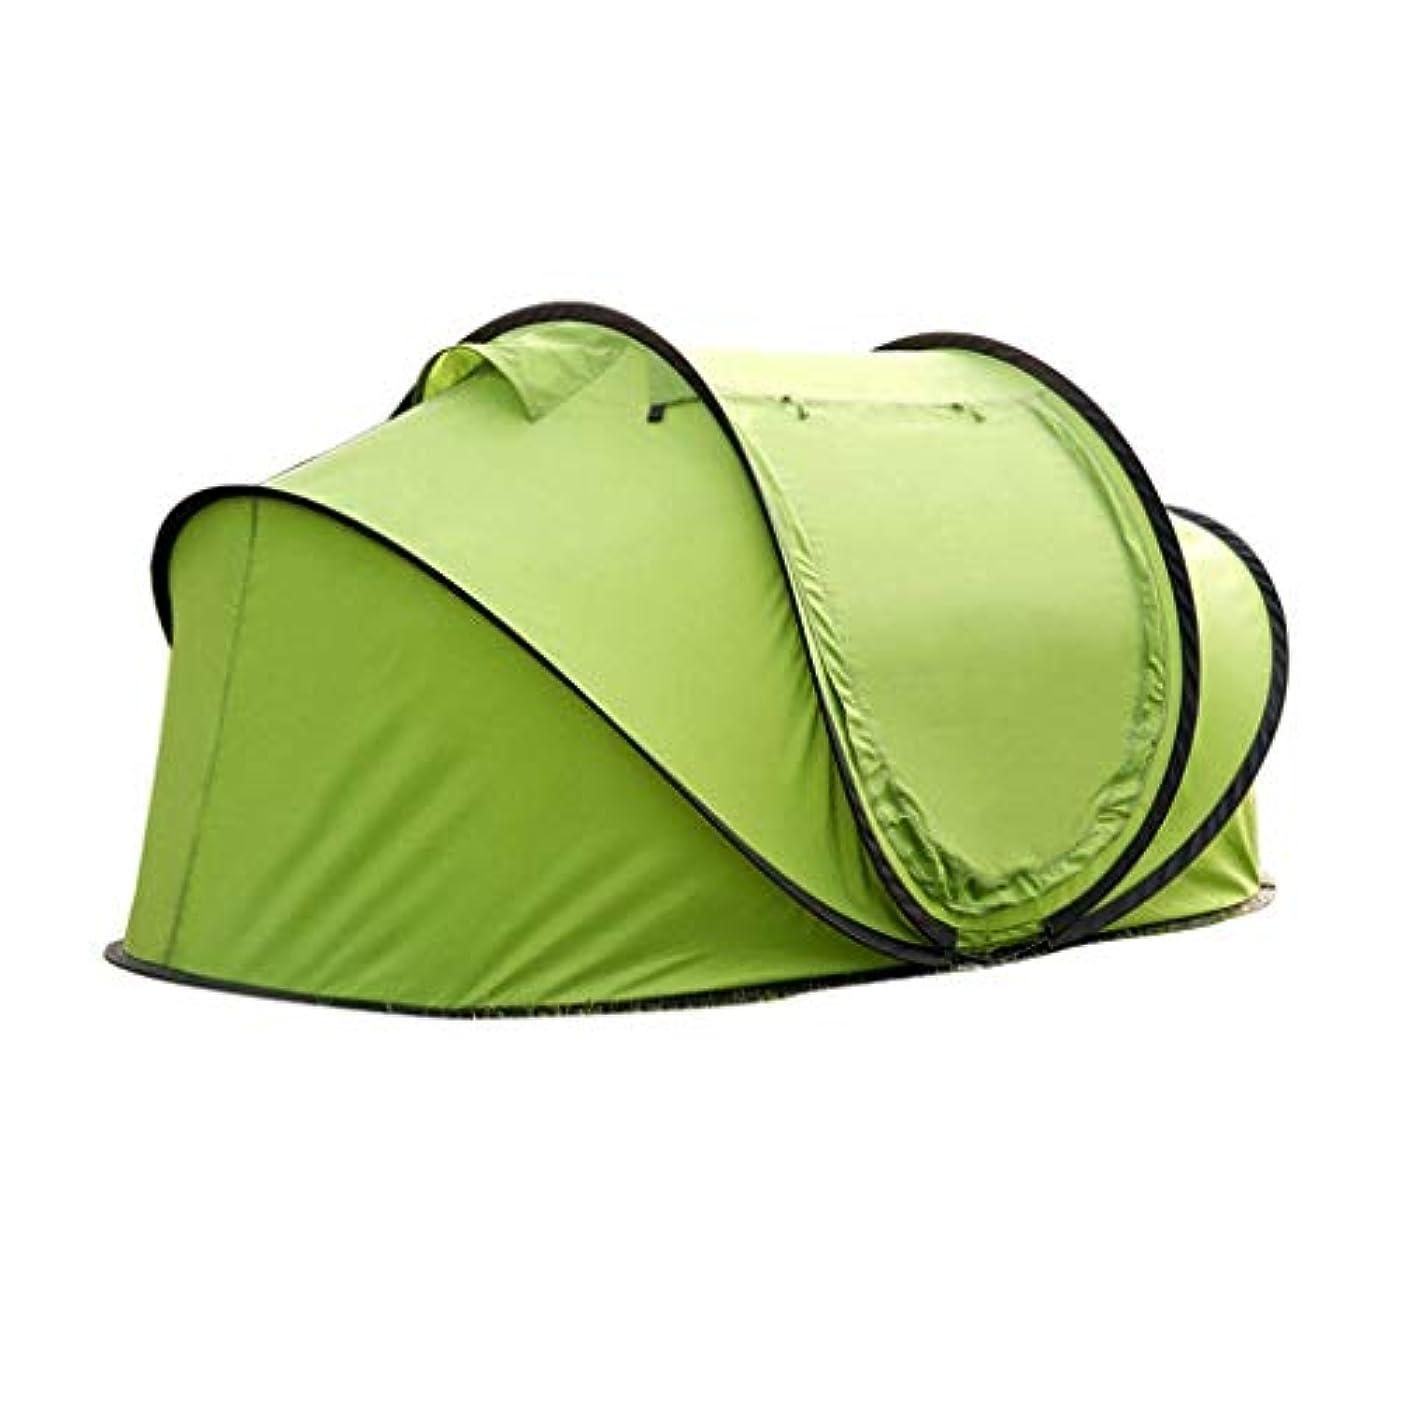 ティーンエイジャー南グリースJOLLY 屋外スピードオープンハンド投げテント2人自動キャンプテント2秒スピードオープンフィールドテント屋内子供テント